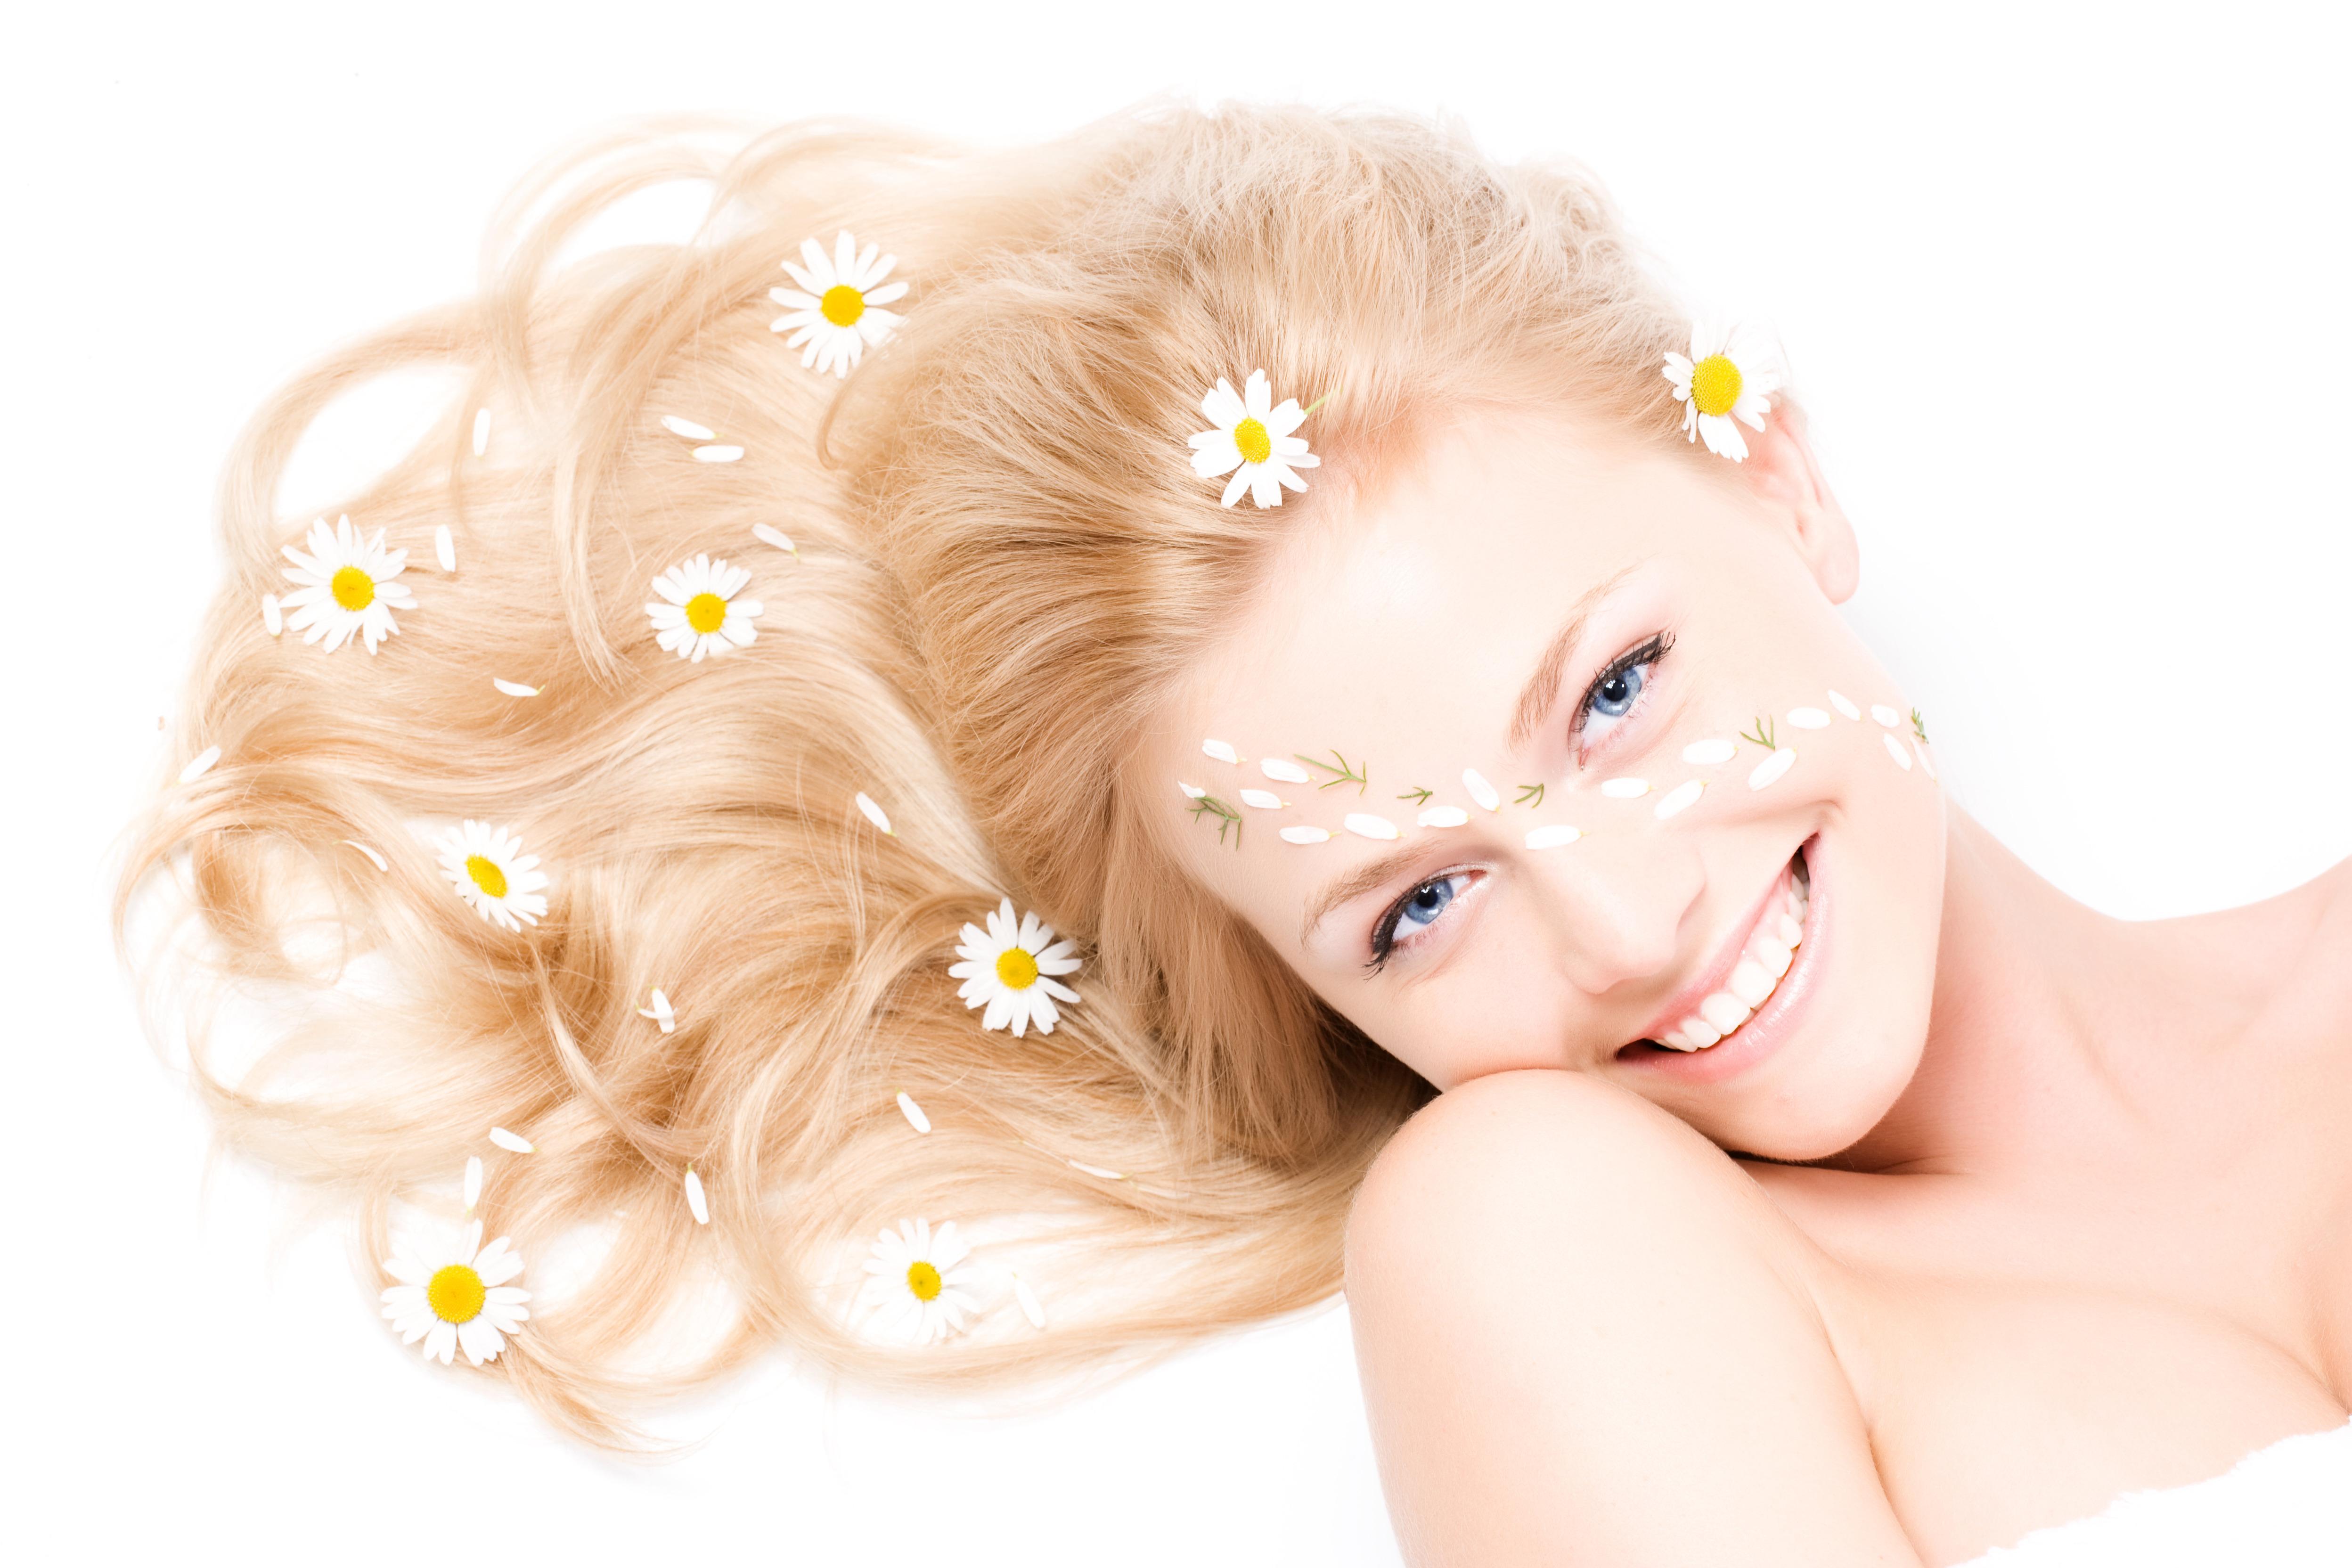 Картинки Улыбка Волосы Девушки ромашка Взгляд Белый фон улыбается волос девушка молодая женщина молодые женщины Ромашки смотрит смотрят белом фоне белым фоном